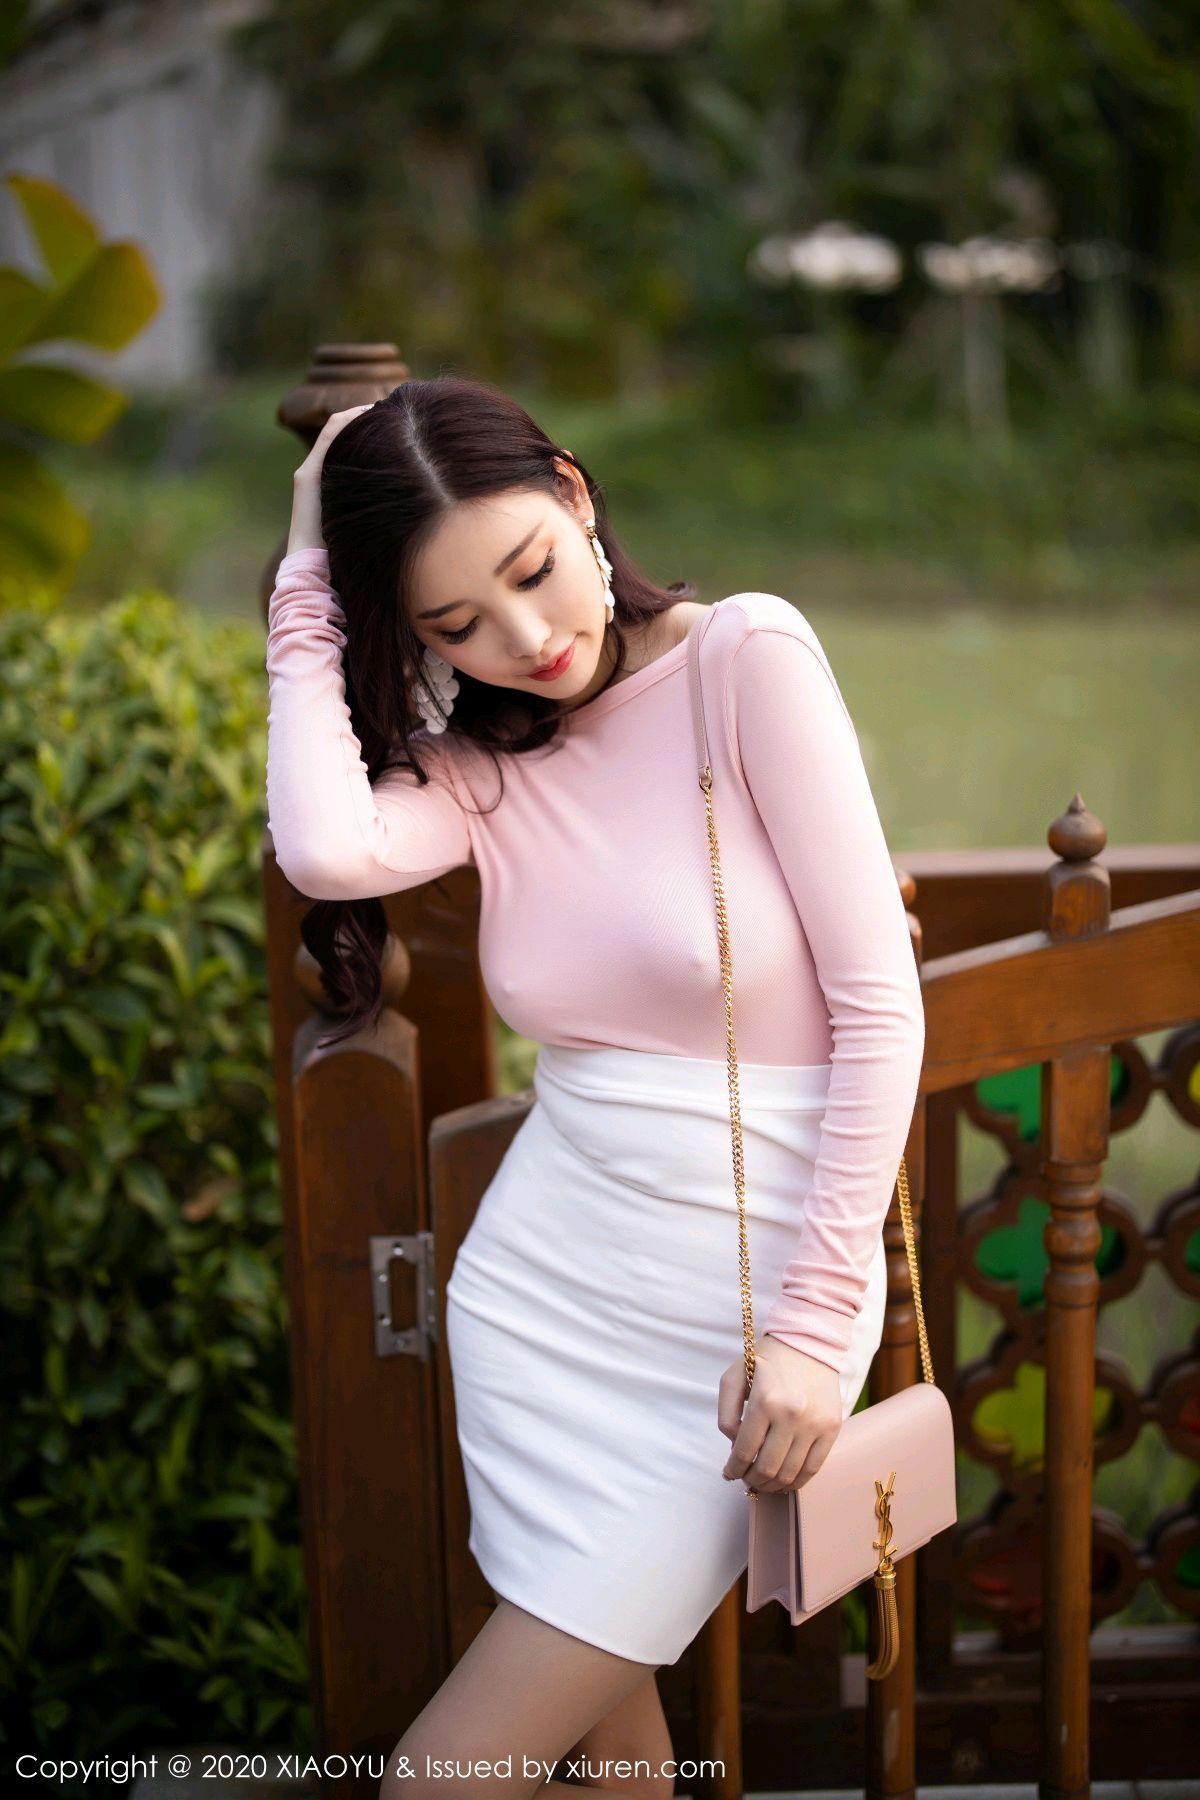 [XiaoYu] Vol.310 Yang Chen Chen 10P, Street, XiaoYu, Yang Chen Chen